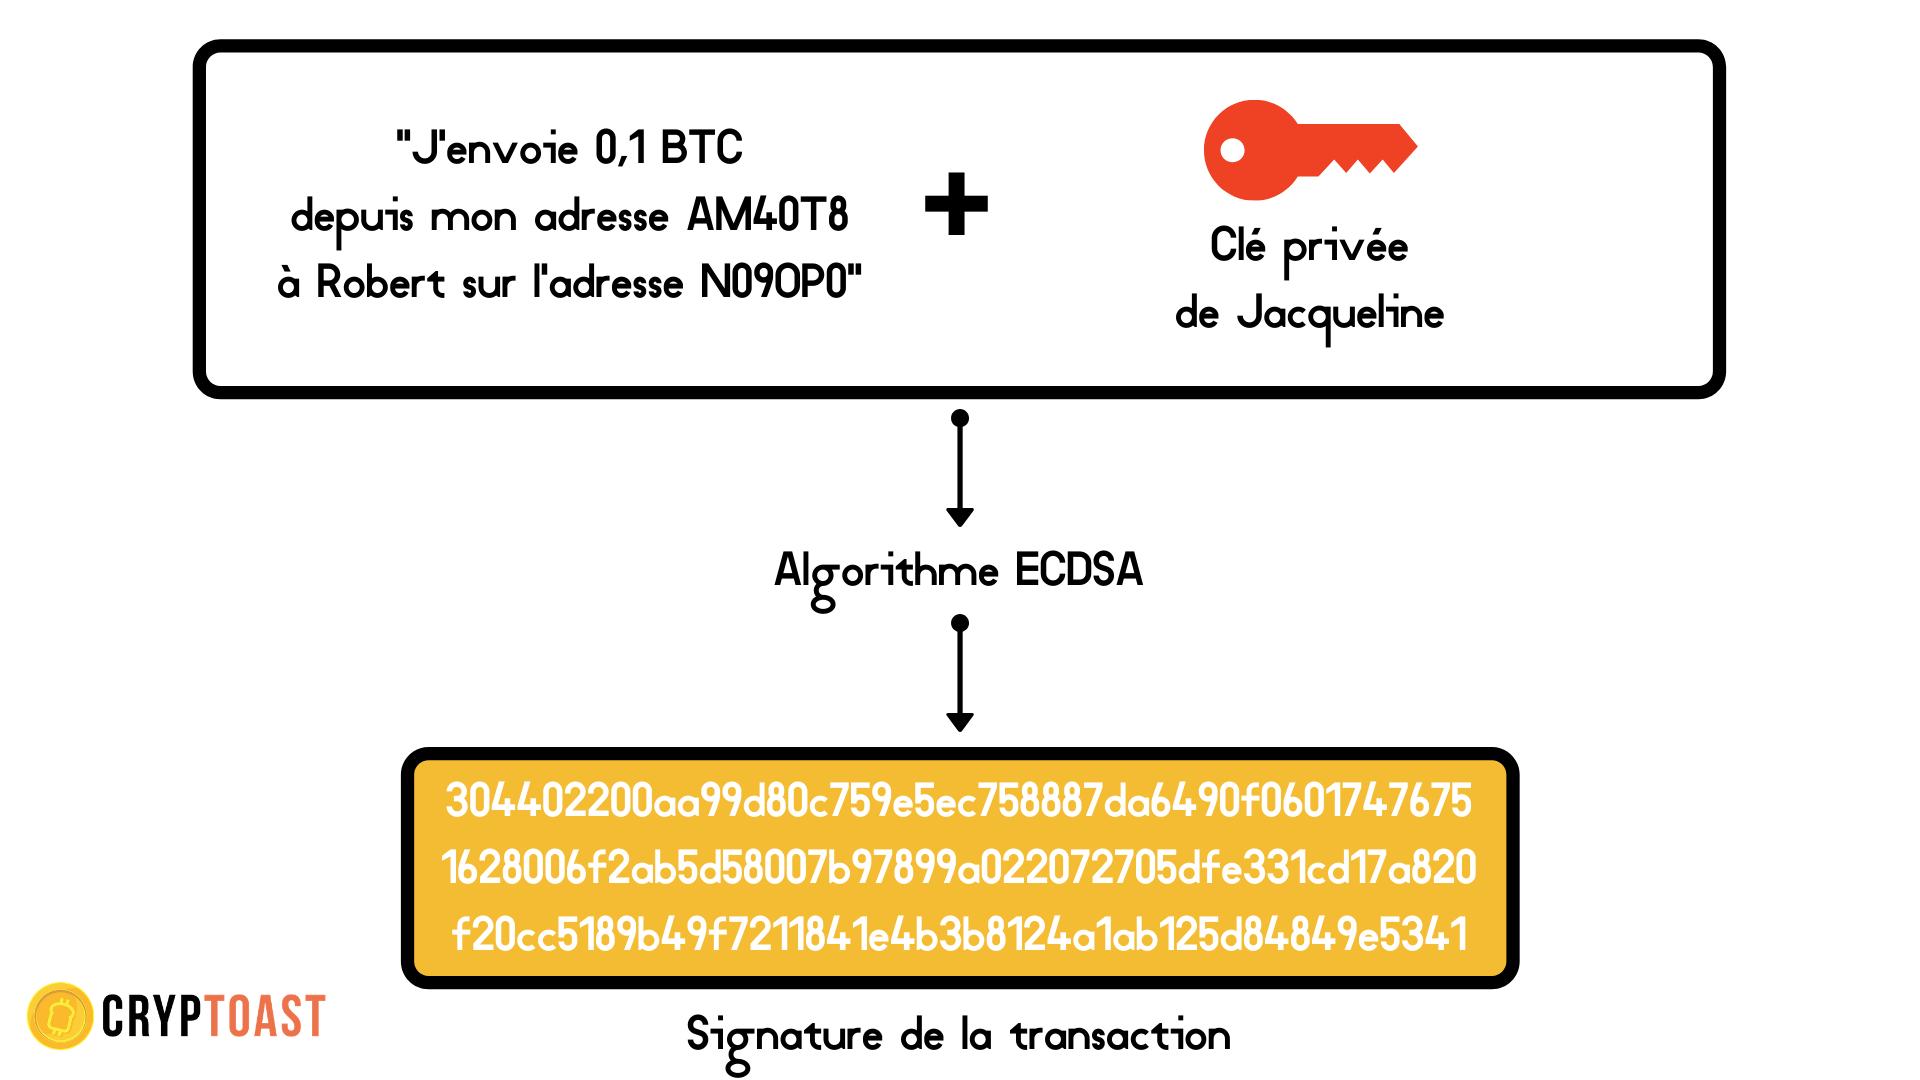 Signature transaction Bitcoin